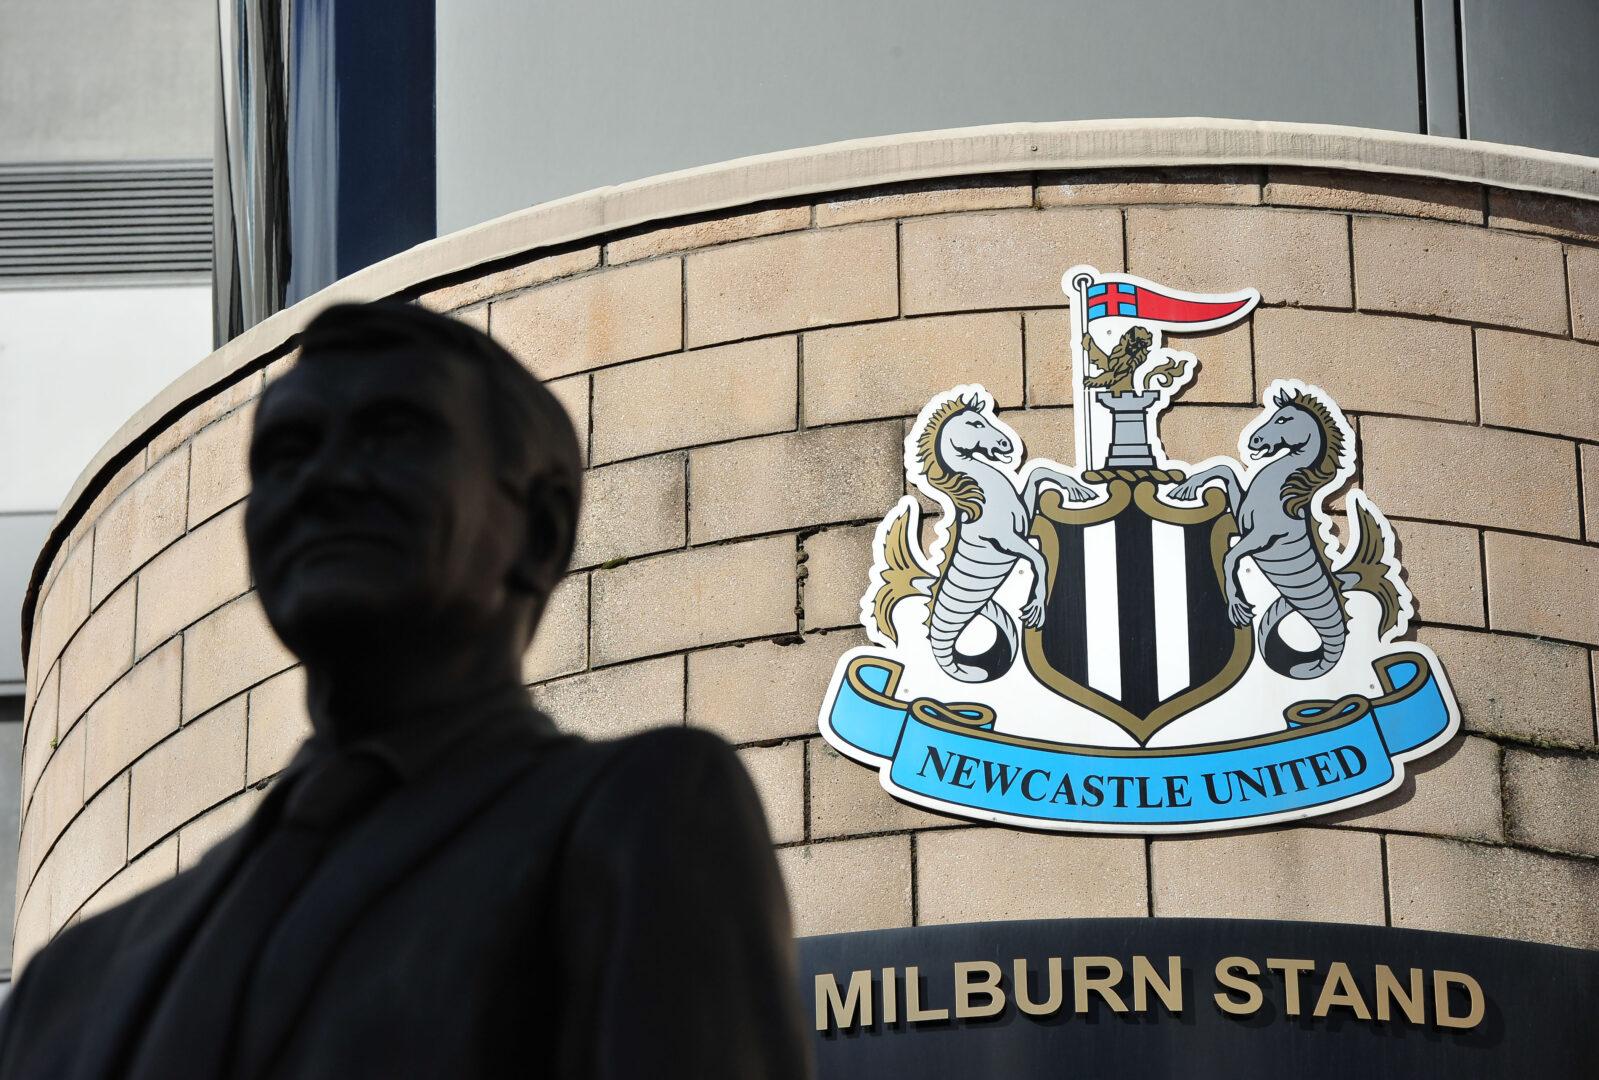 Vor dem Stadion (St. James Park) von Newcastle United.